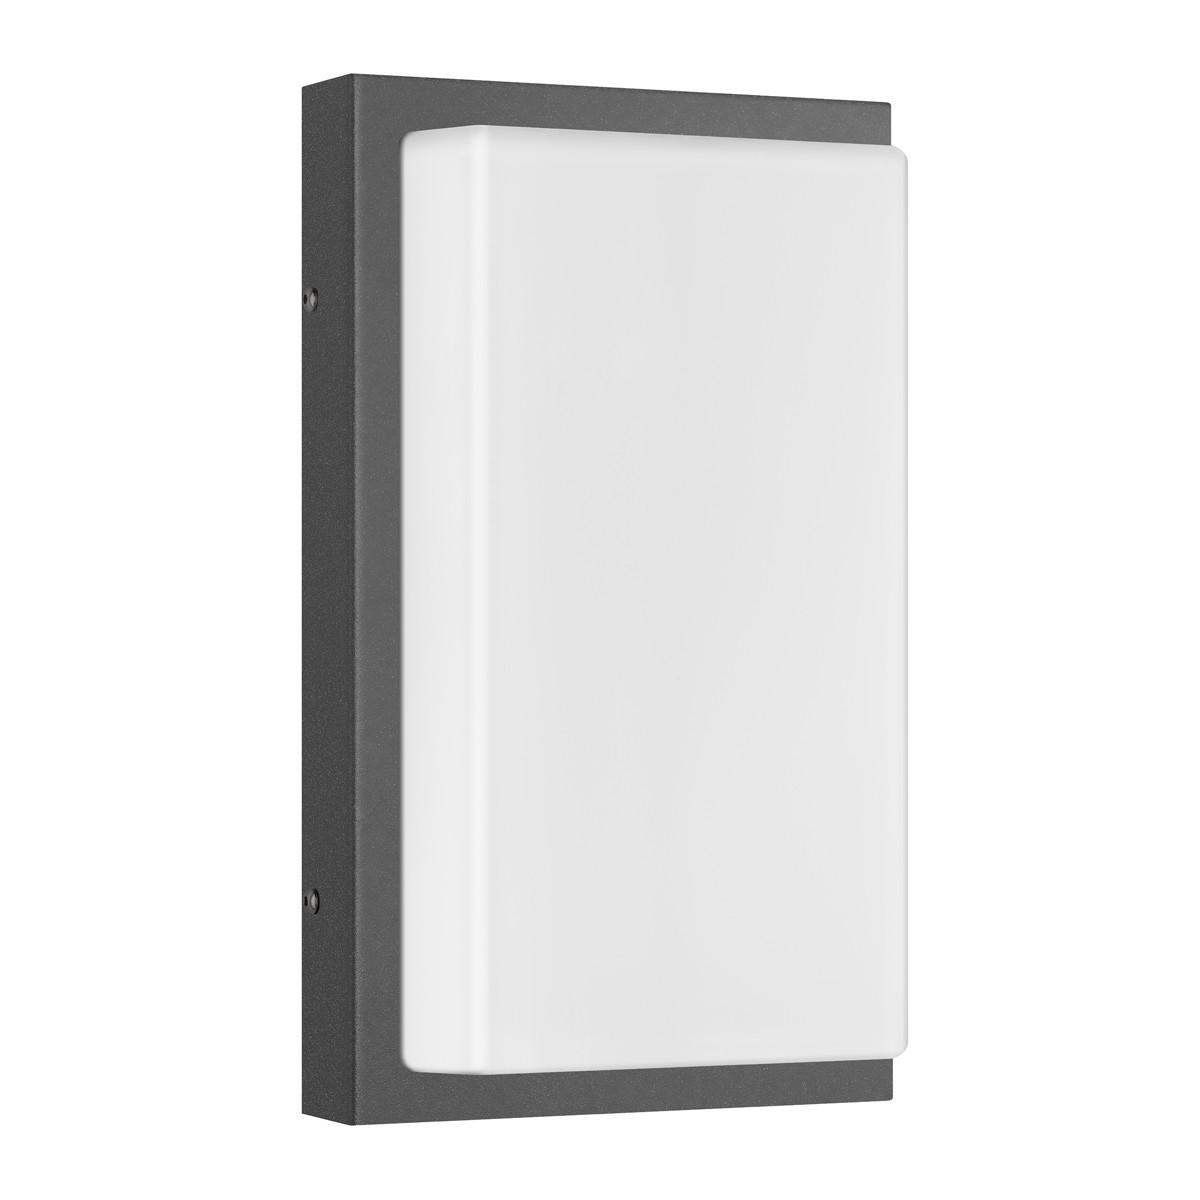 LCD Außenleuchten 058 Wandleuchte, graphit, ohne Bewegungsmelder